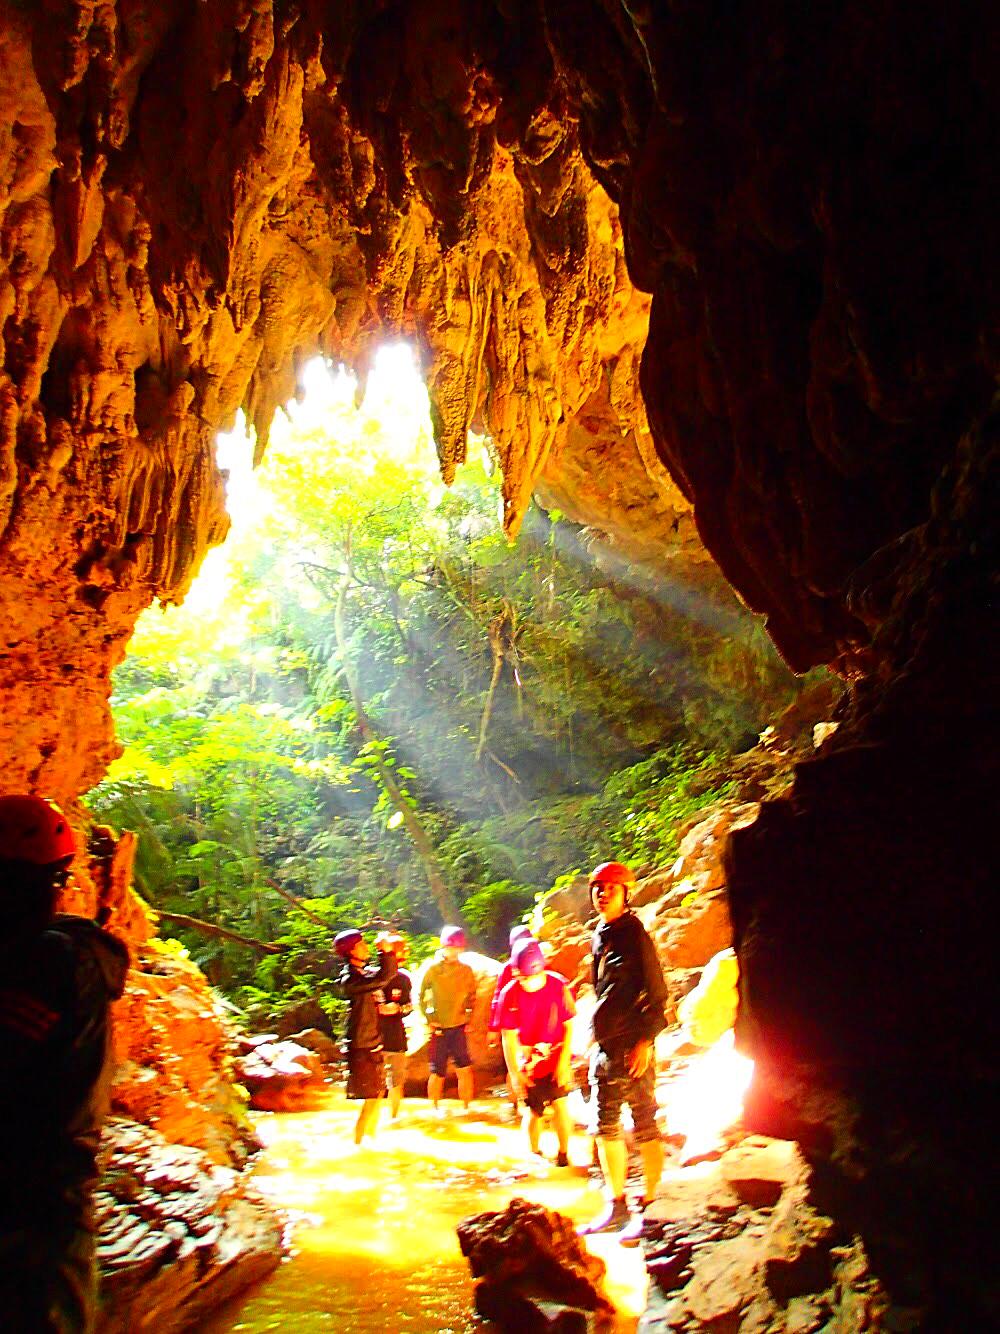 八重山諸島・西表島旅行で人気の西表島おすすめカヌー&ケイビングツアー・西表島ケンガイドおすすめ鍾乳洞探検ツアーで女子旅行・家族旅行・学生旅行アクティビティ体験、カヌーでマングローブ&ケイビングで秘境パワースポット滝巡り!八重山旅行で本物の島旅アウトドア体験を。